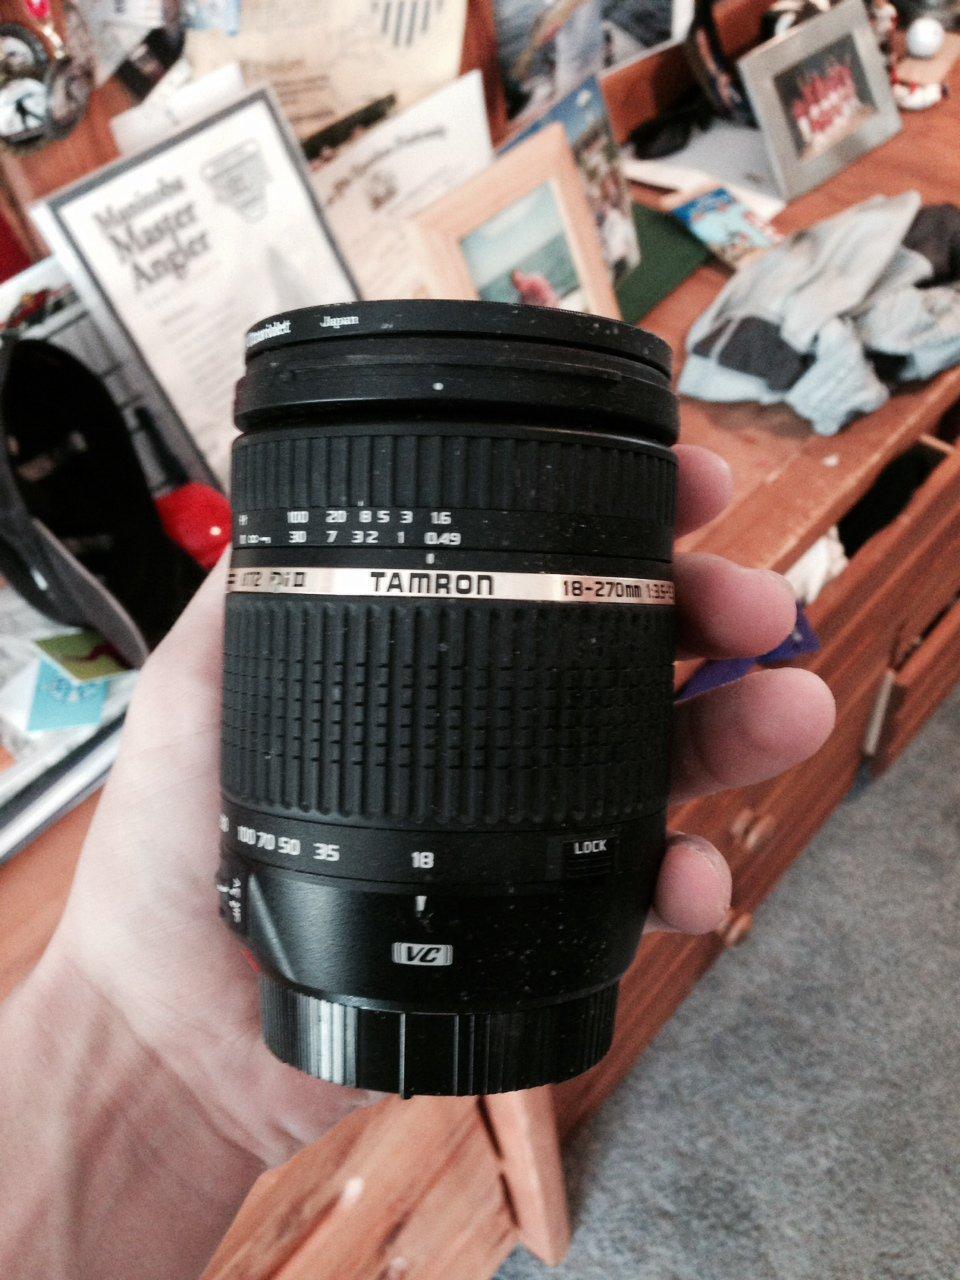 FS: Canon 18-270 VC